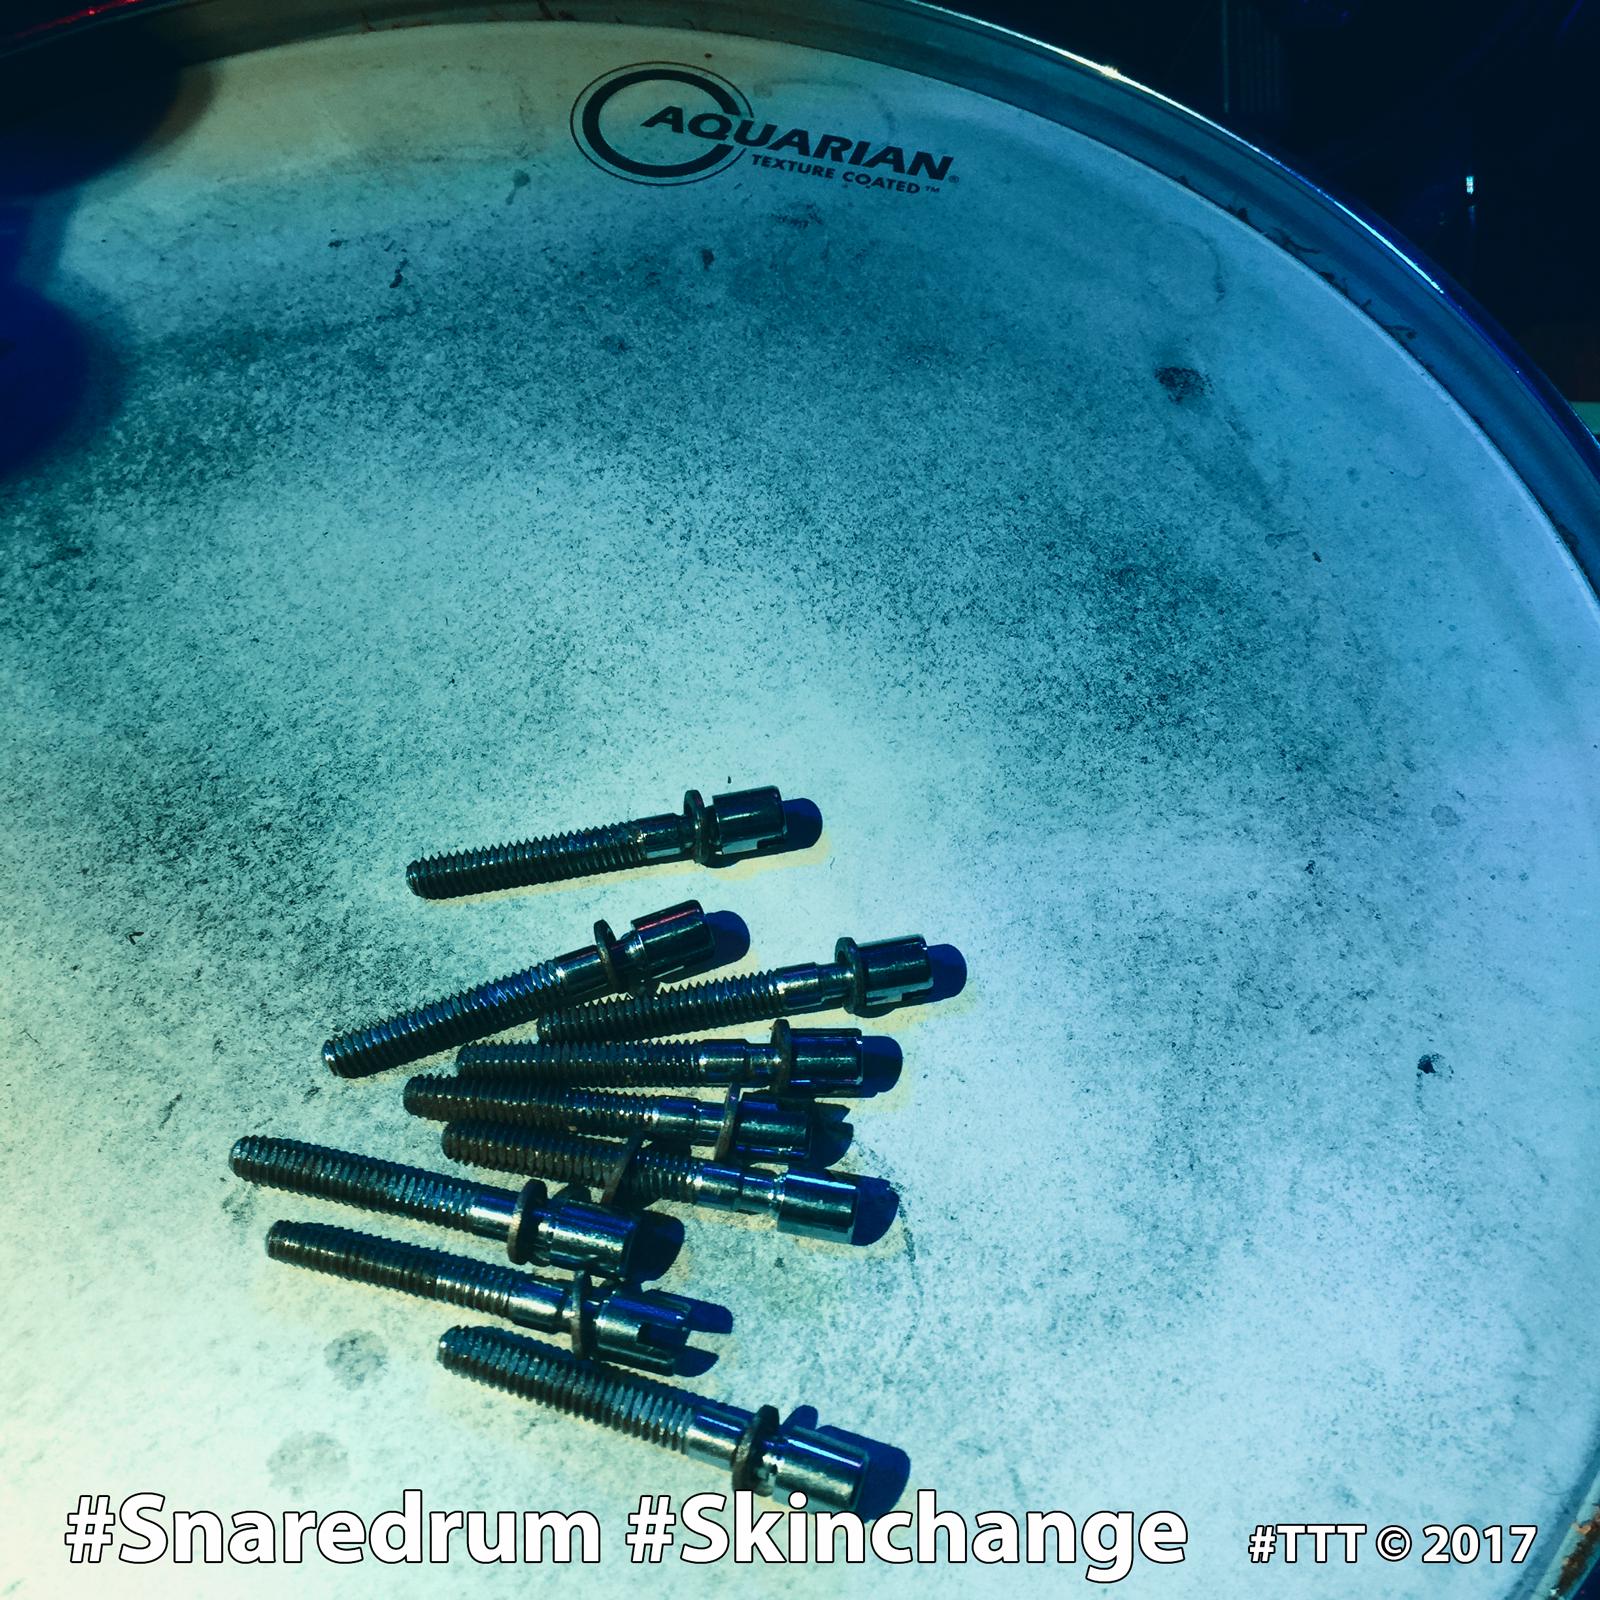 #Snaredrum #SonorSignature #Skinchance #Aquarian #TTT © 2017